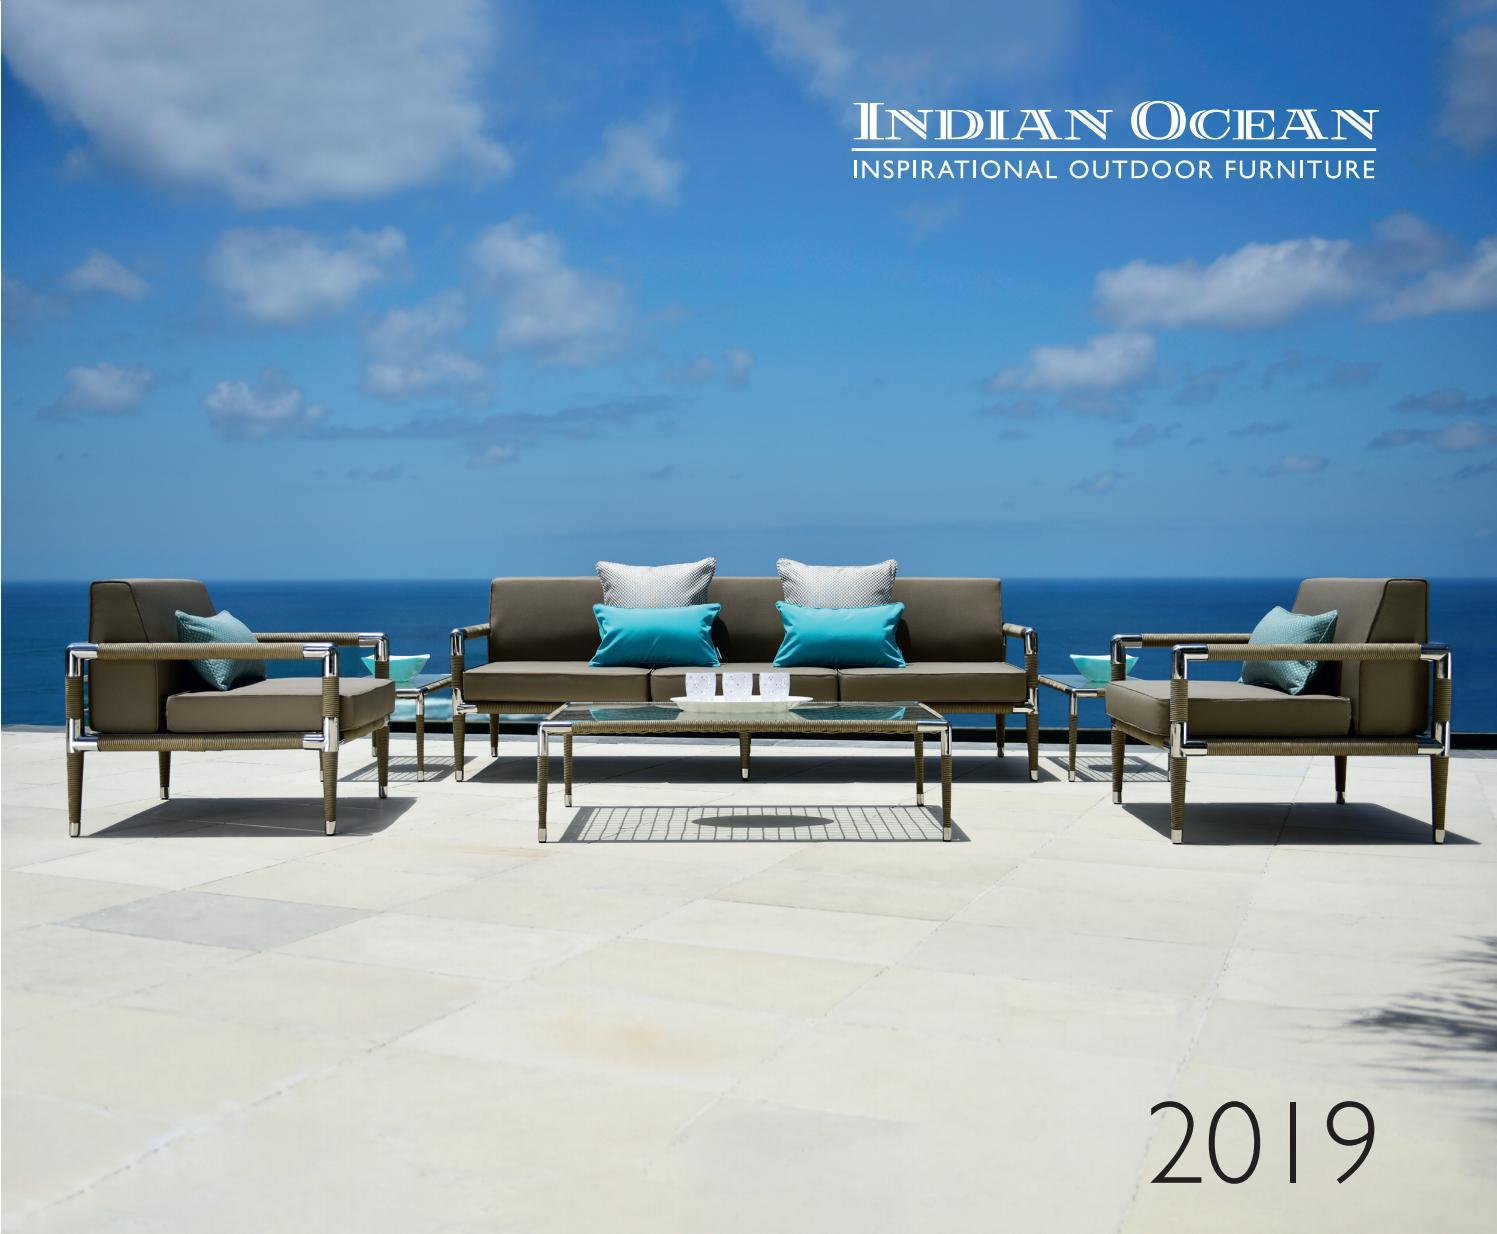 Indian Ocean Brochure 11 by Indian Ocean - issuu